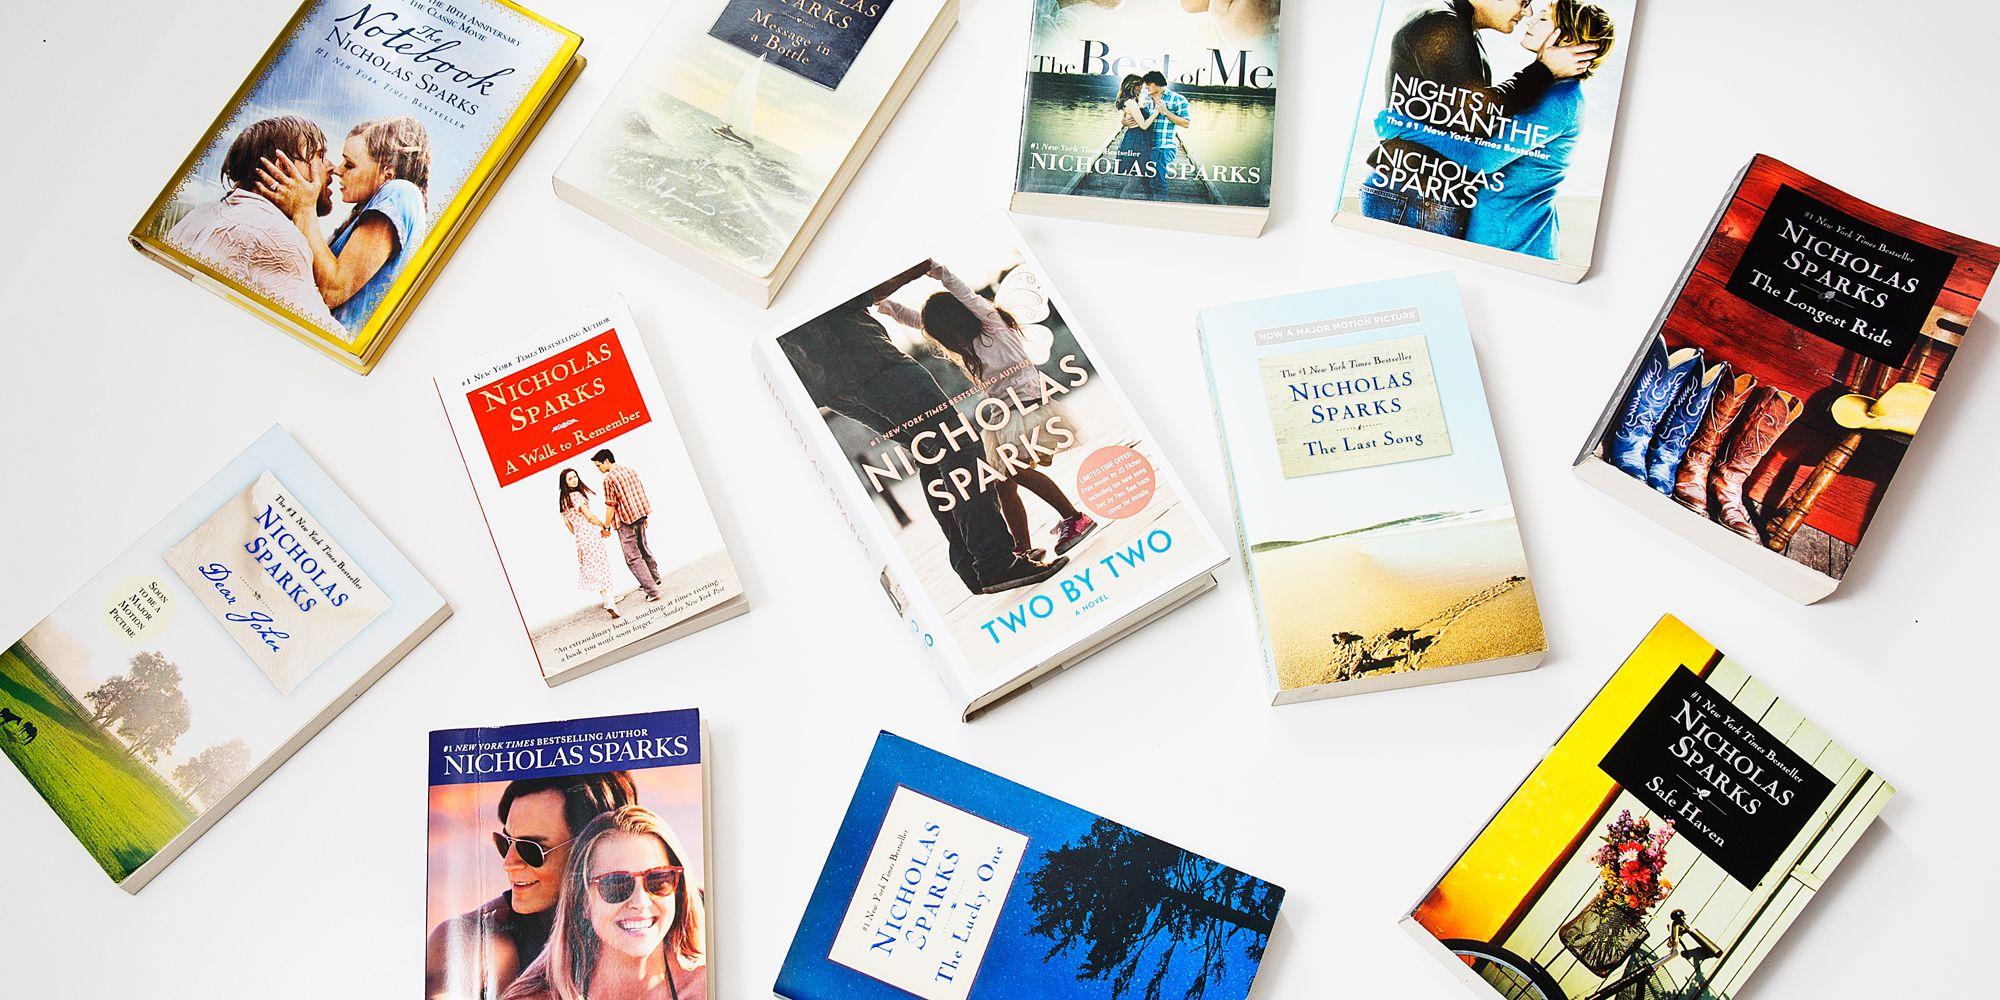 Nicholas Sparks See Me Ebook